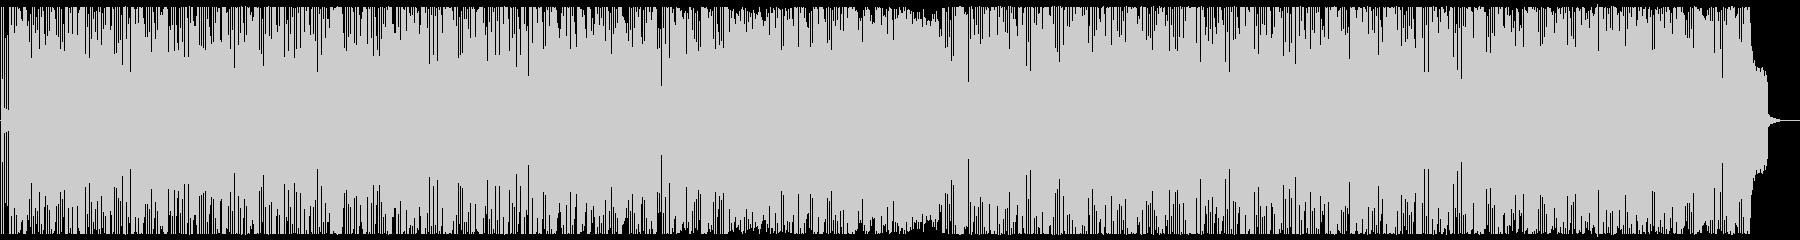 ピアノがメロディーのボサノバ風な曲の未再生の波形